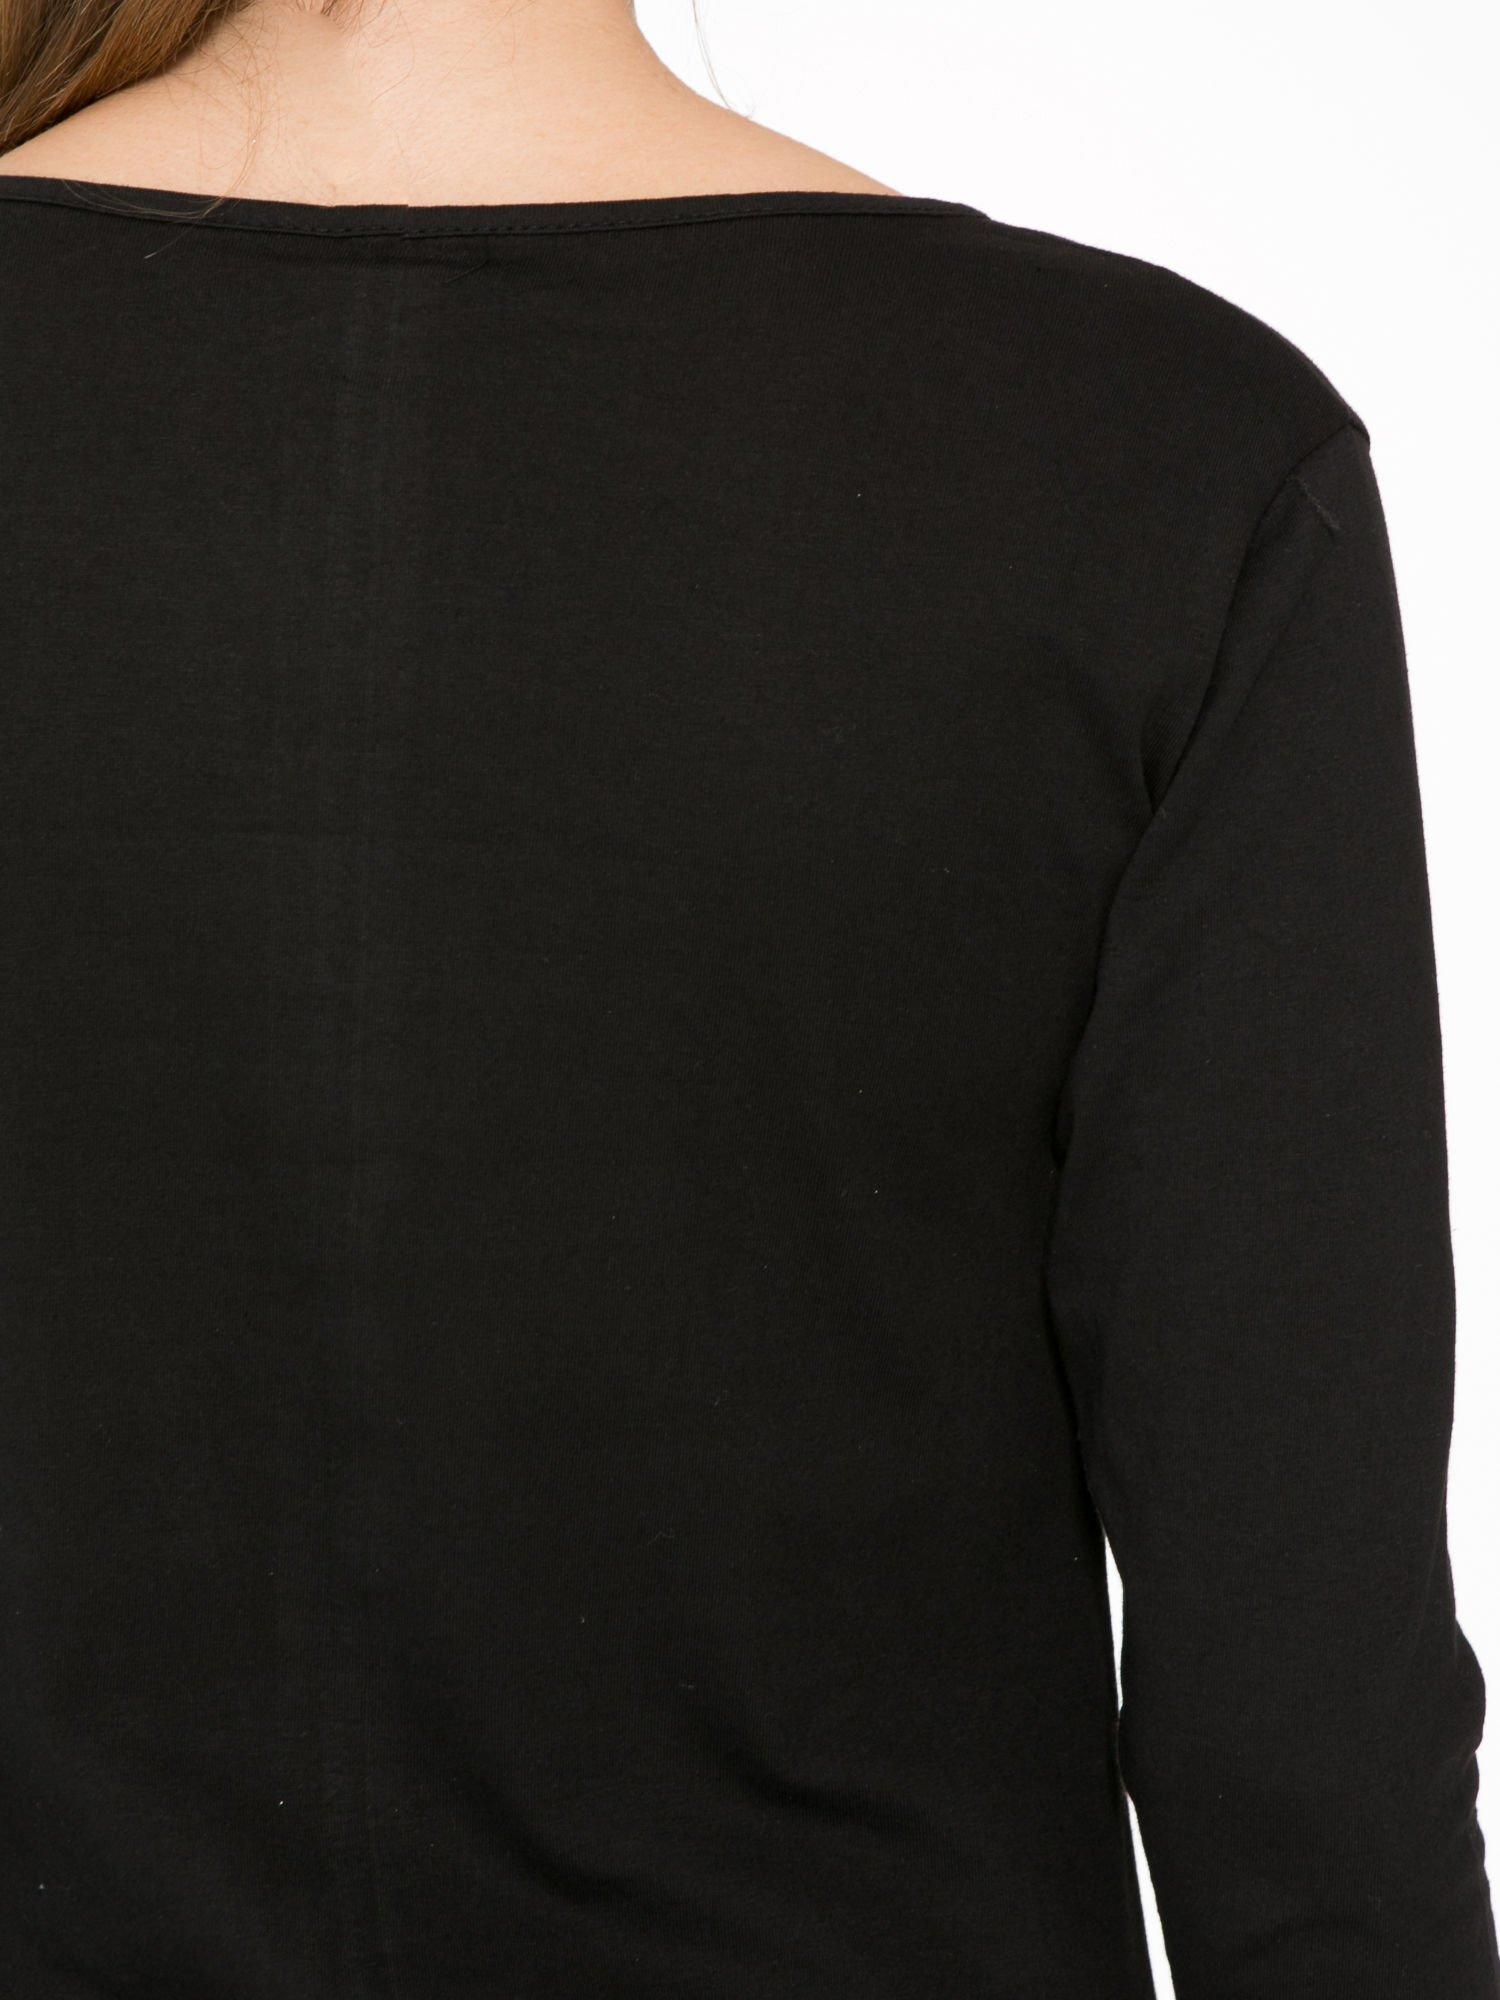 Czarna bluzka z motywem kwiatowym i napisem ADORABLE                                  zdj.                                  9